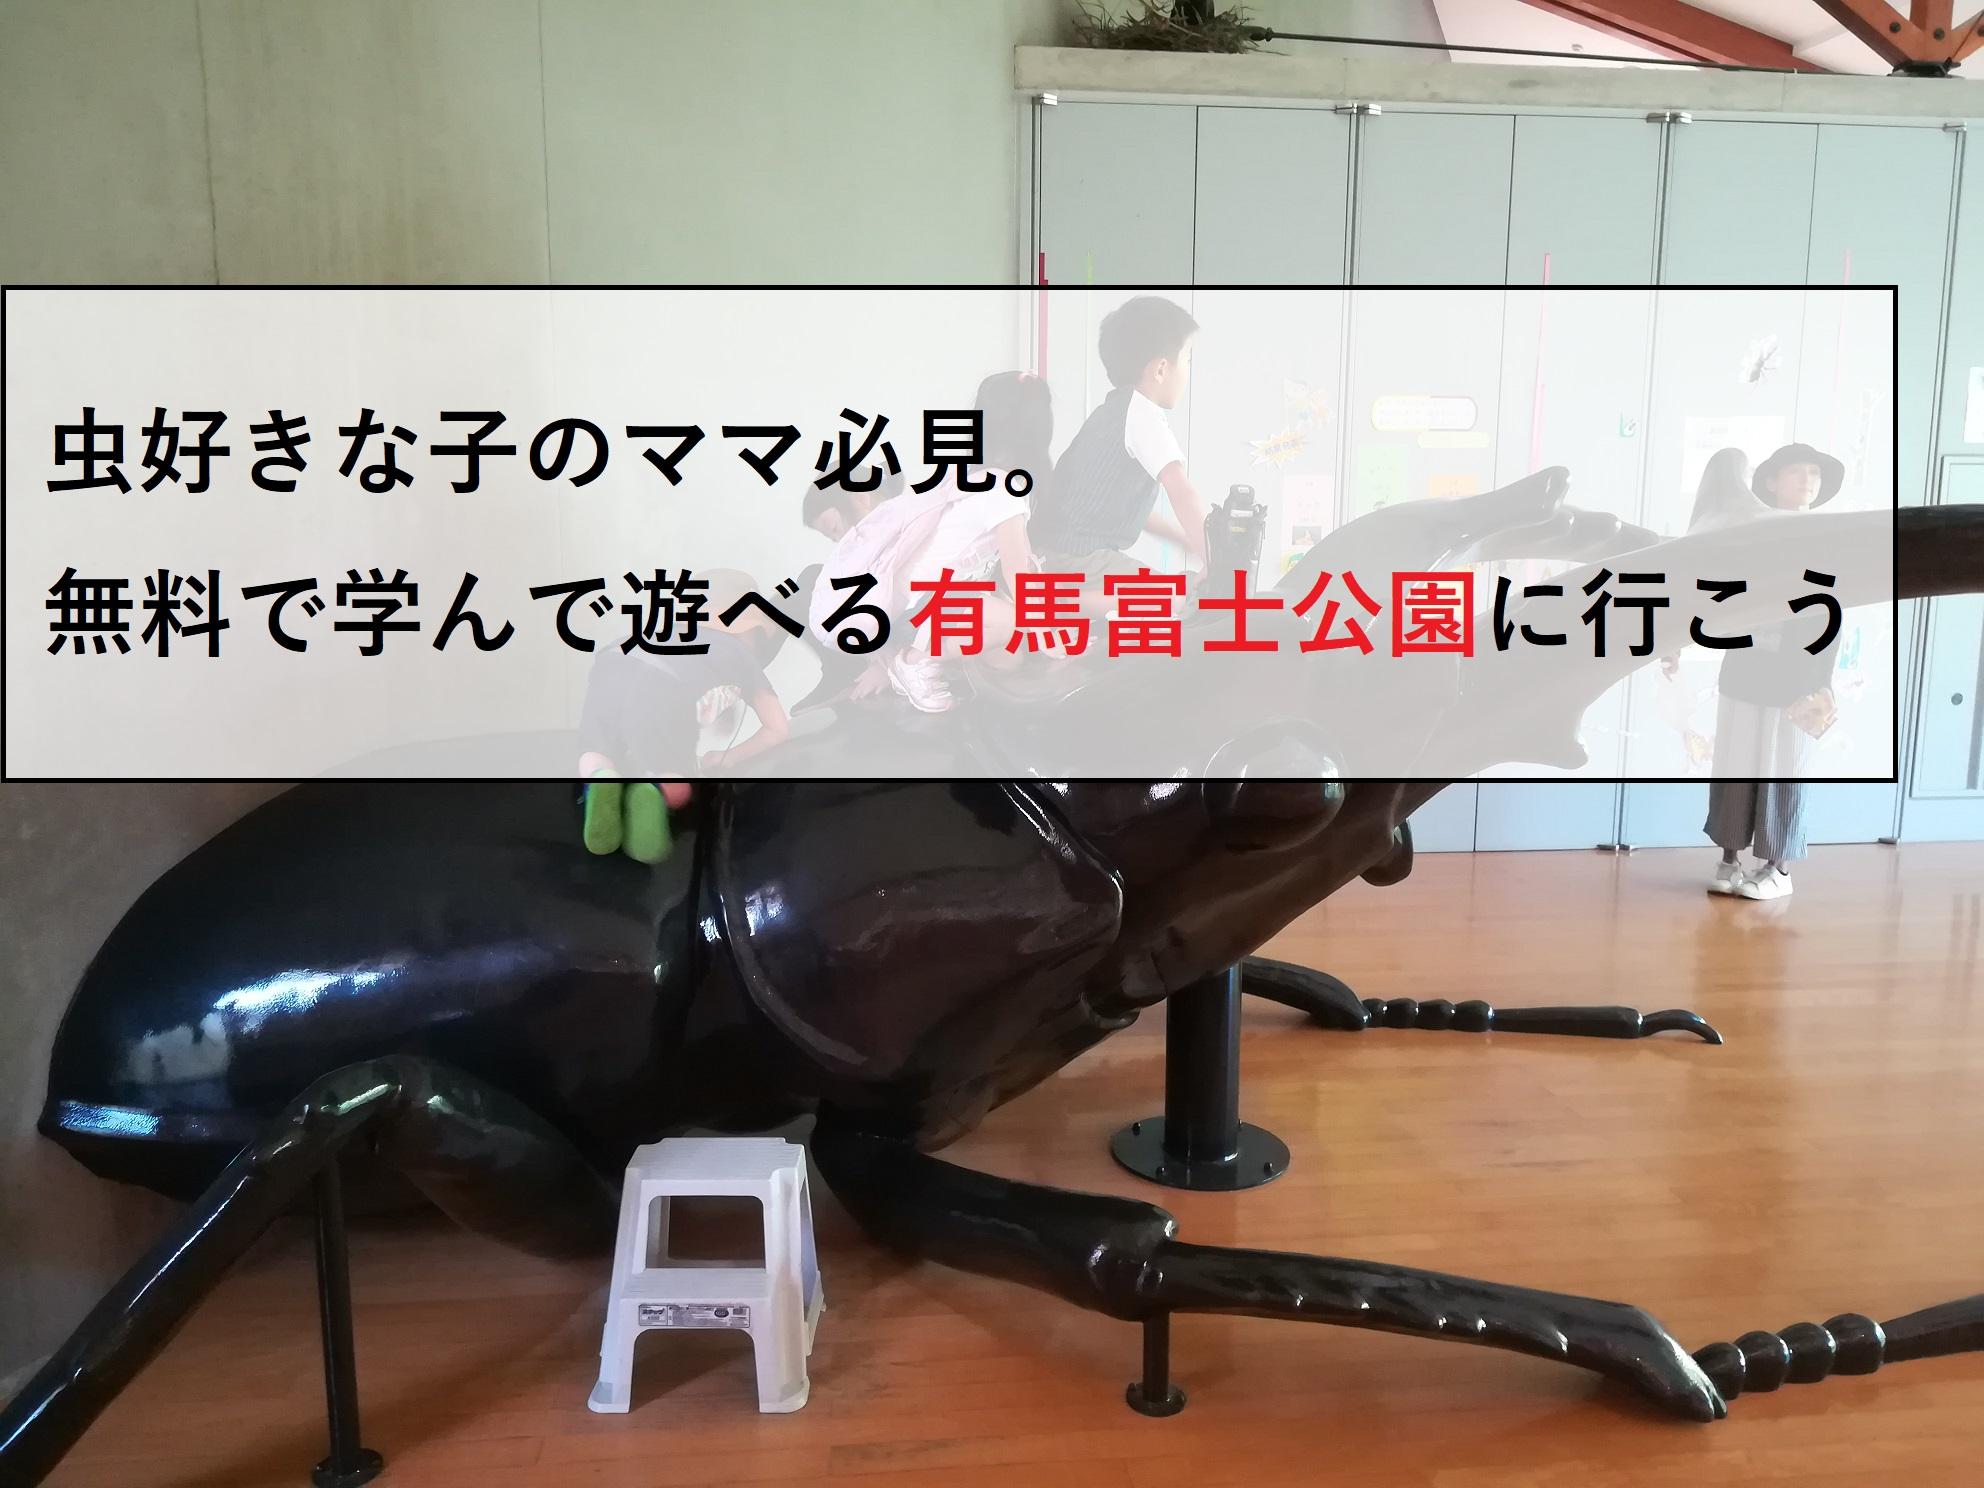 【三田】虫好きになっちゃう?幼児から楽しめる有馬富士公園で遊ぼう!